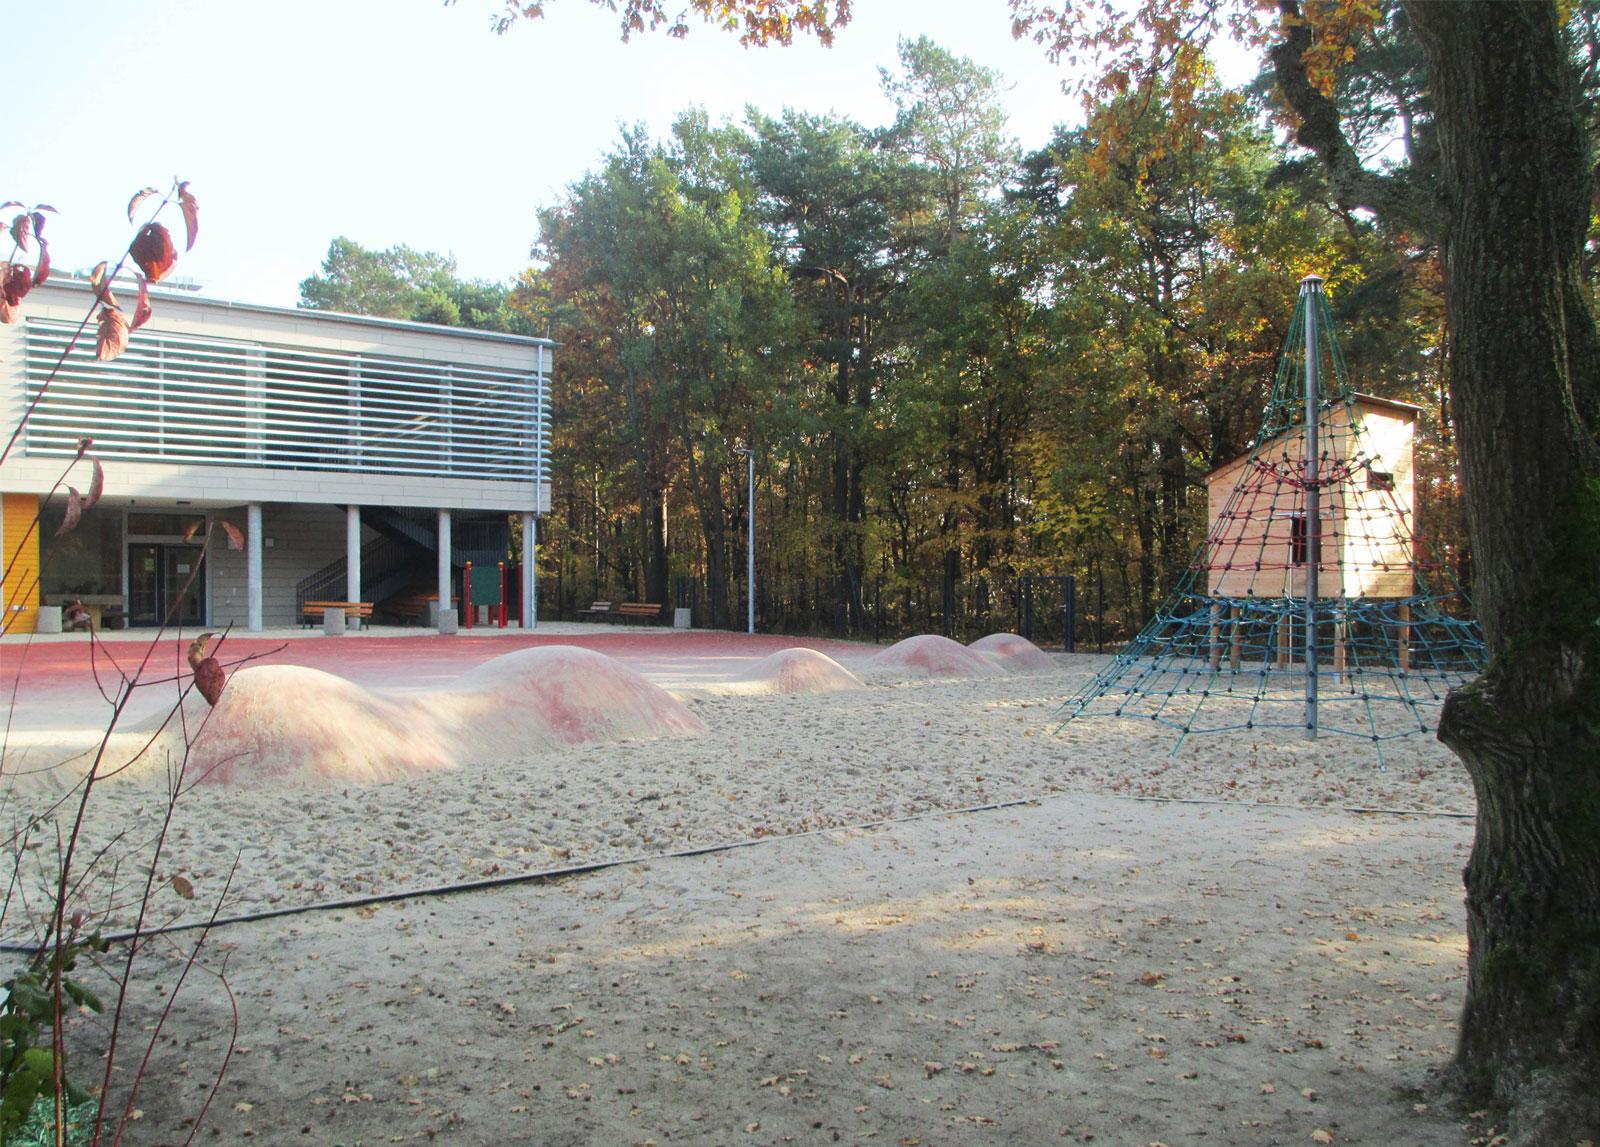 grundschule-adolf-grimme-ring-Kleinmachnow-aussenanlagen-spielbereich-armbruster